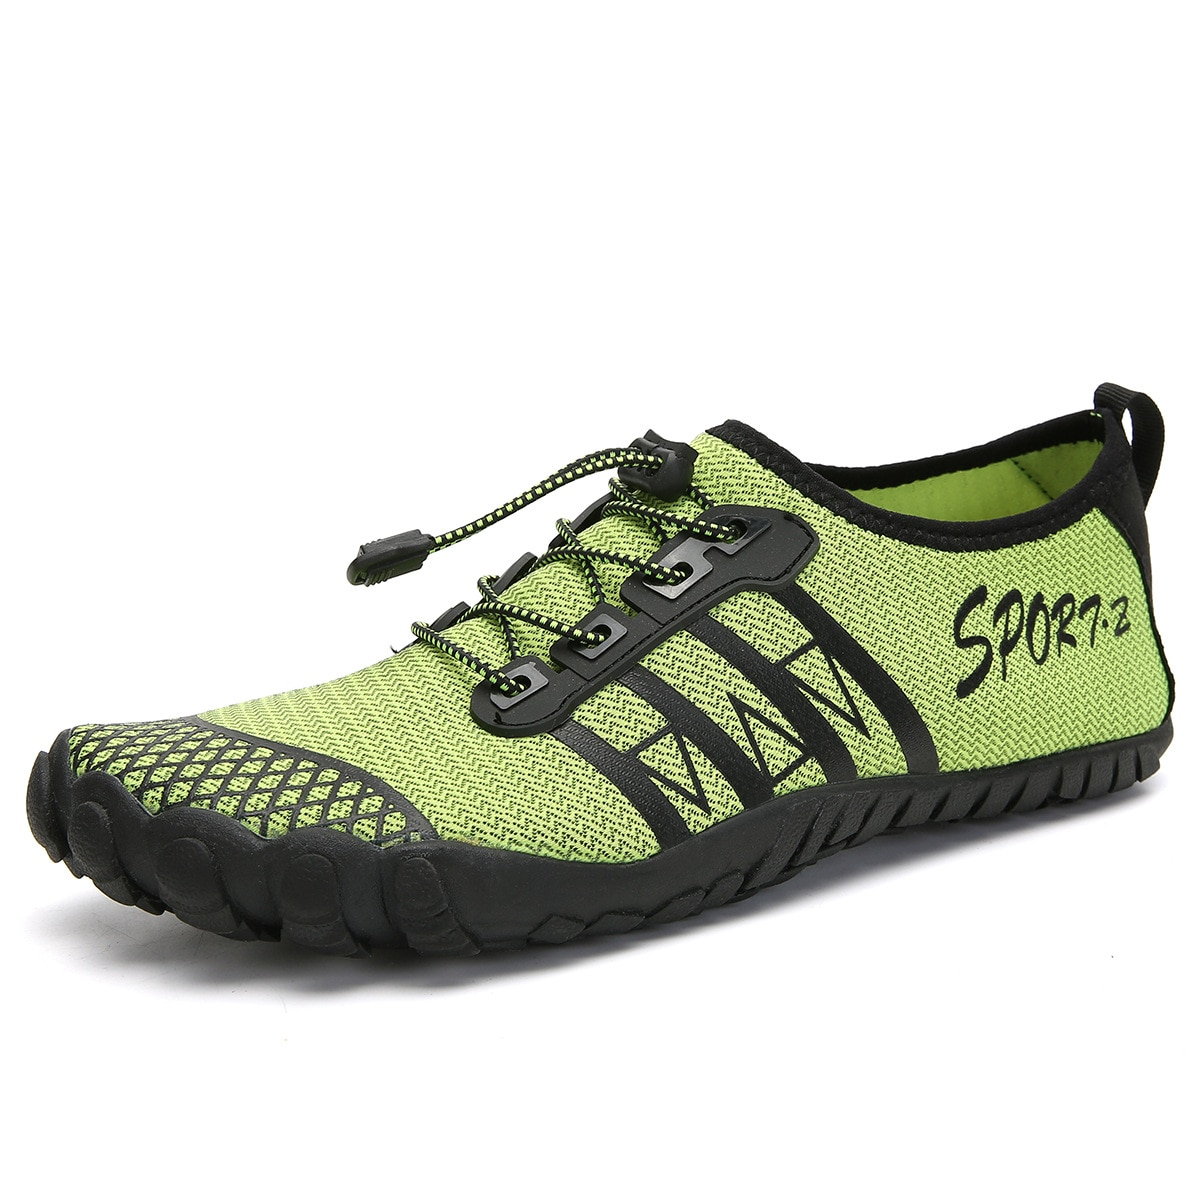 Zapatillas de senderismo profesionales antideslizantes para hombre, calzado deportivo resistente al agua,...